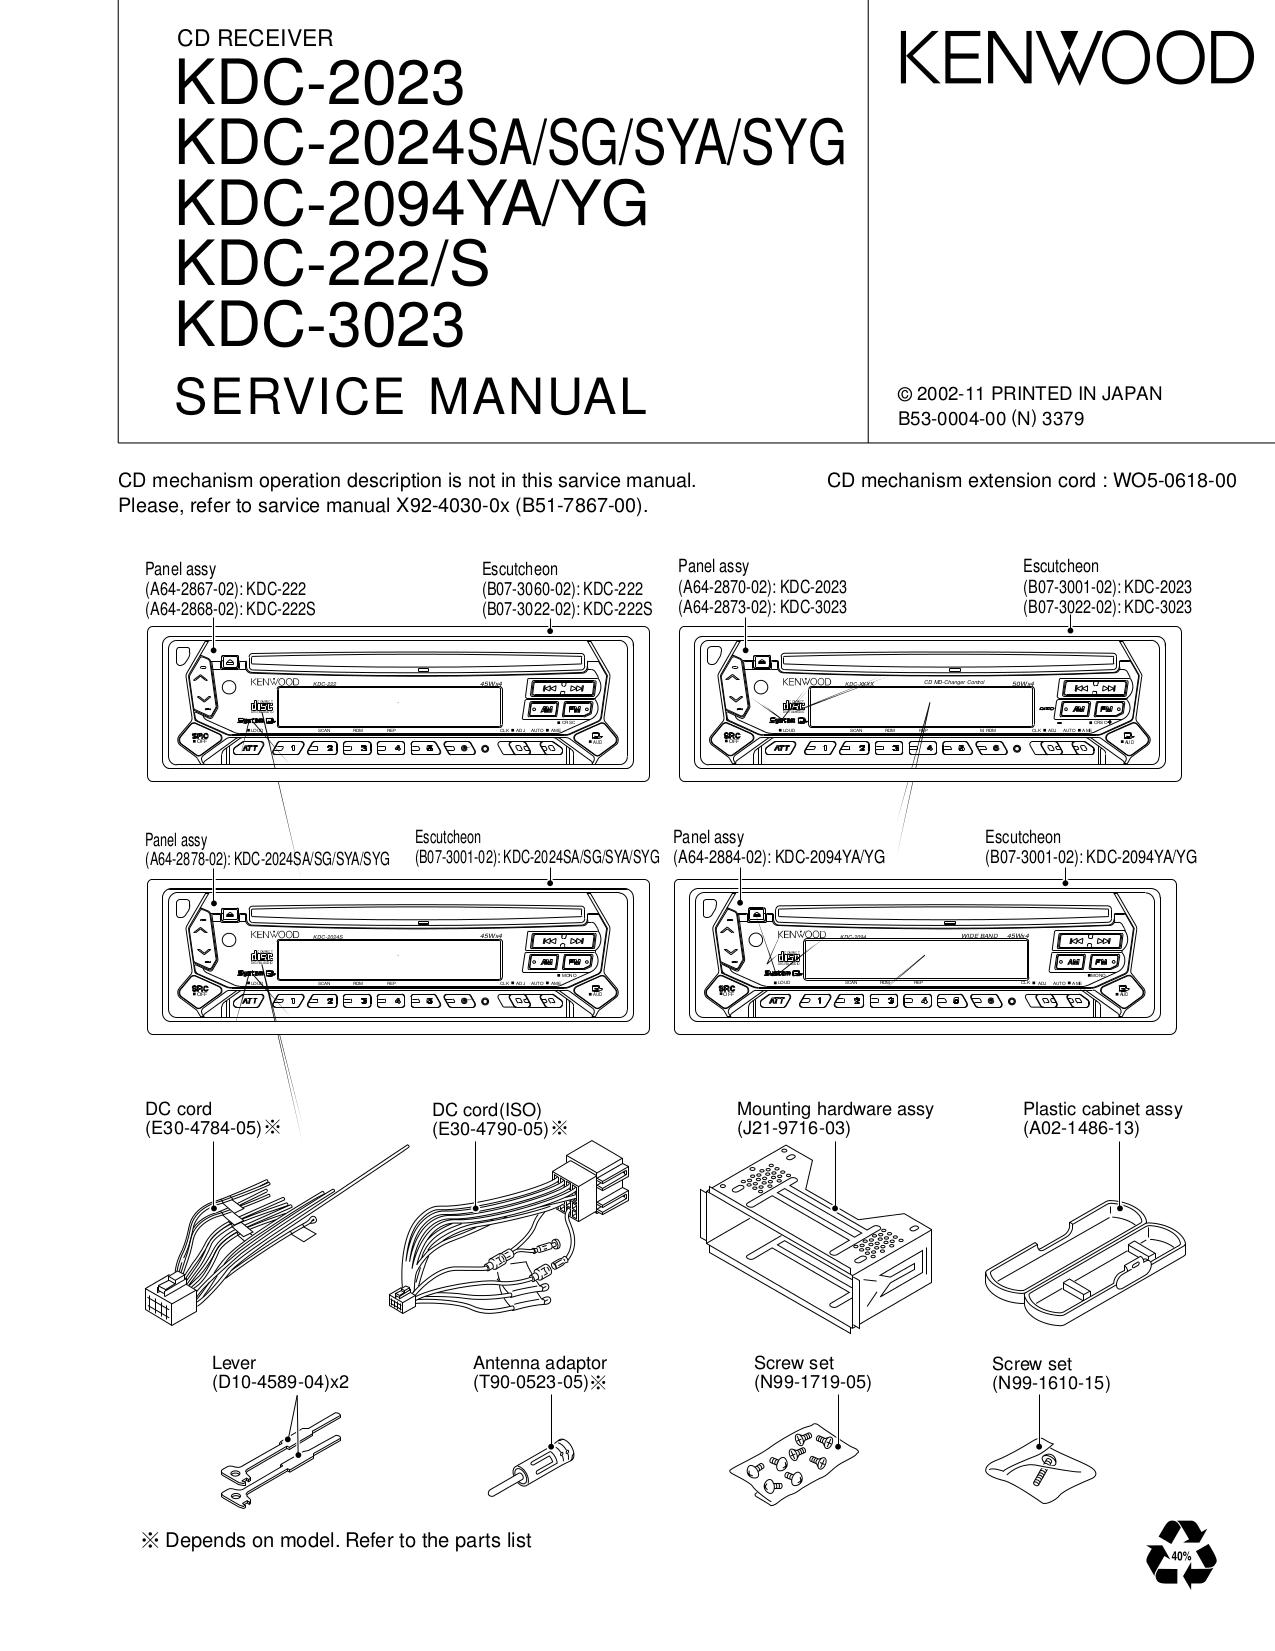 kenwood model kdc wiring diagram indexnewspaper com. Black Bedroom Furniture Sets. Home Design Ideas